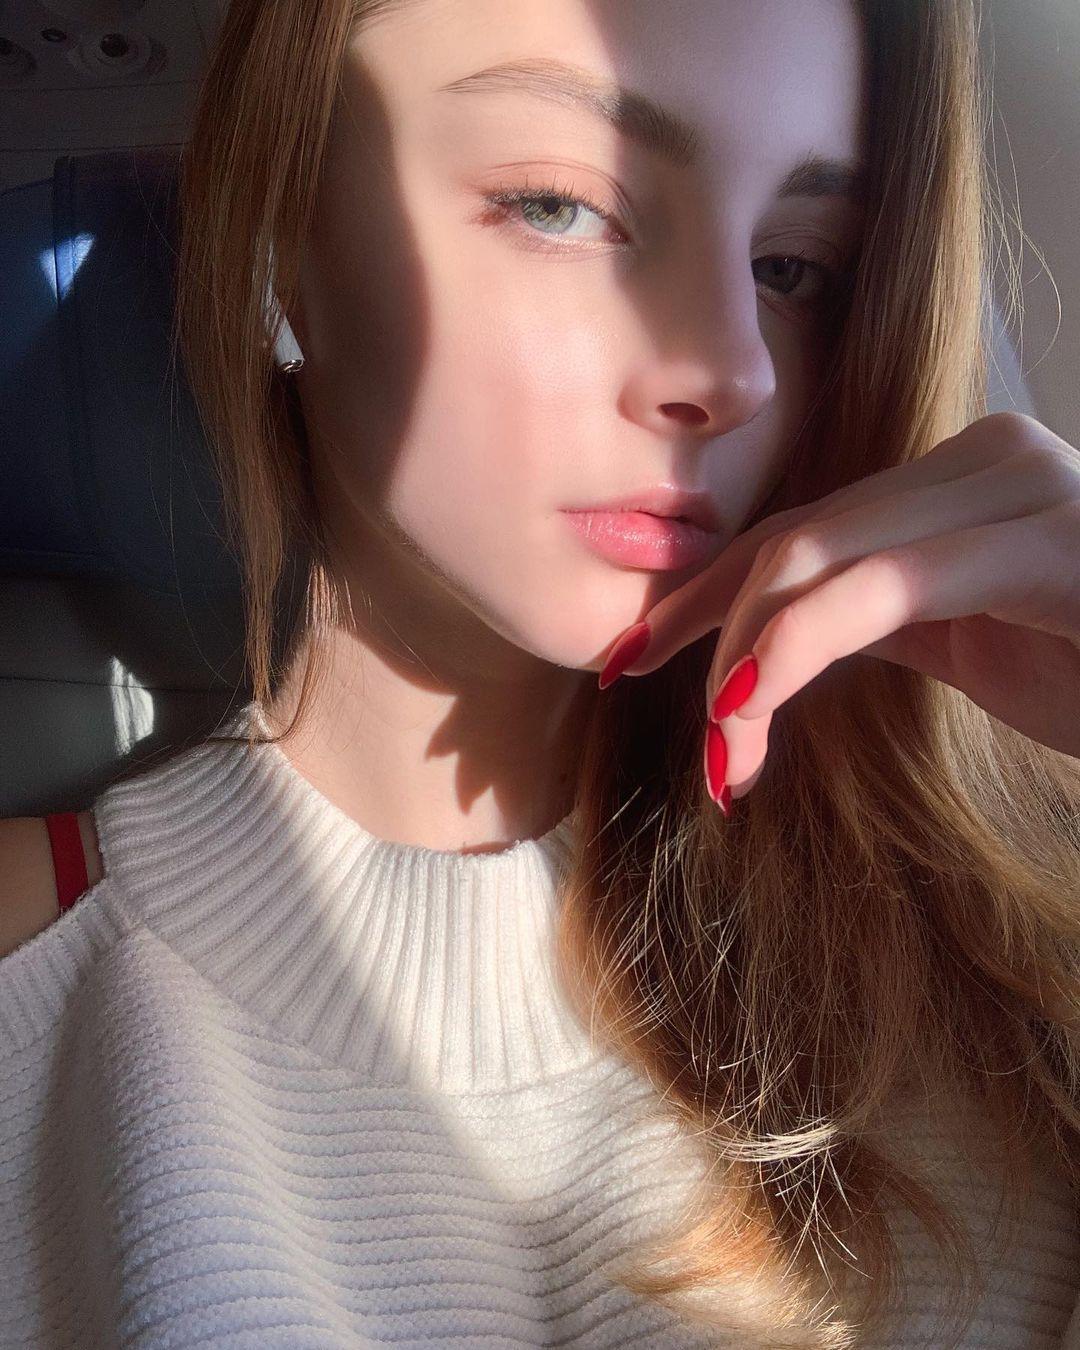 [正妹]完美比例天使脸孔[白俄罗斯女模]内衣广告网友直呼好仙 养眼图片 第2张